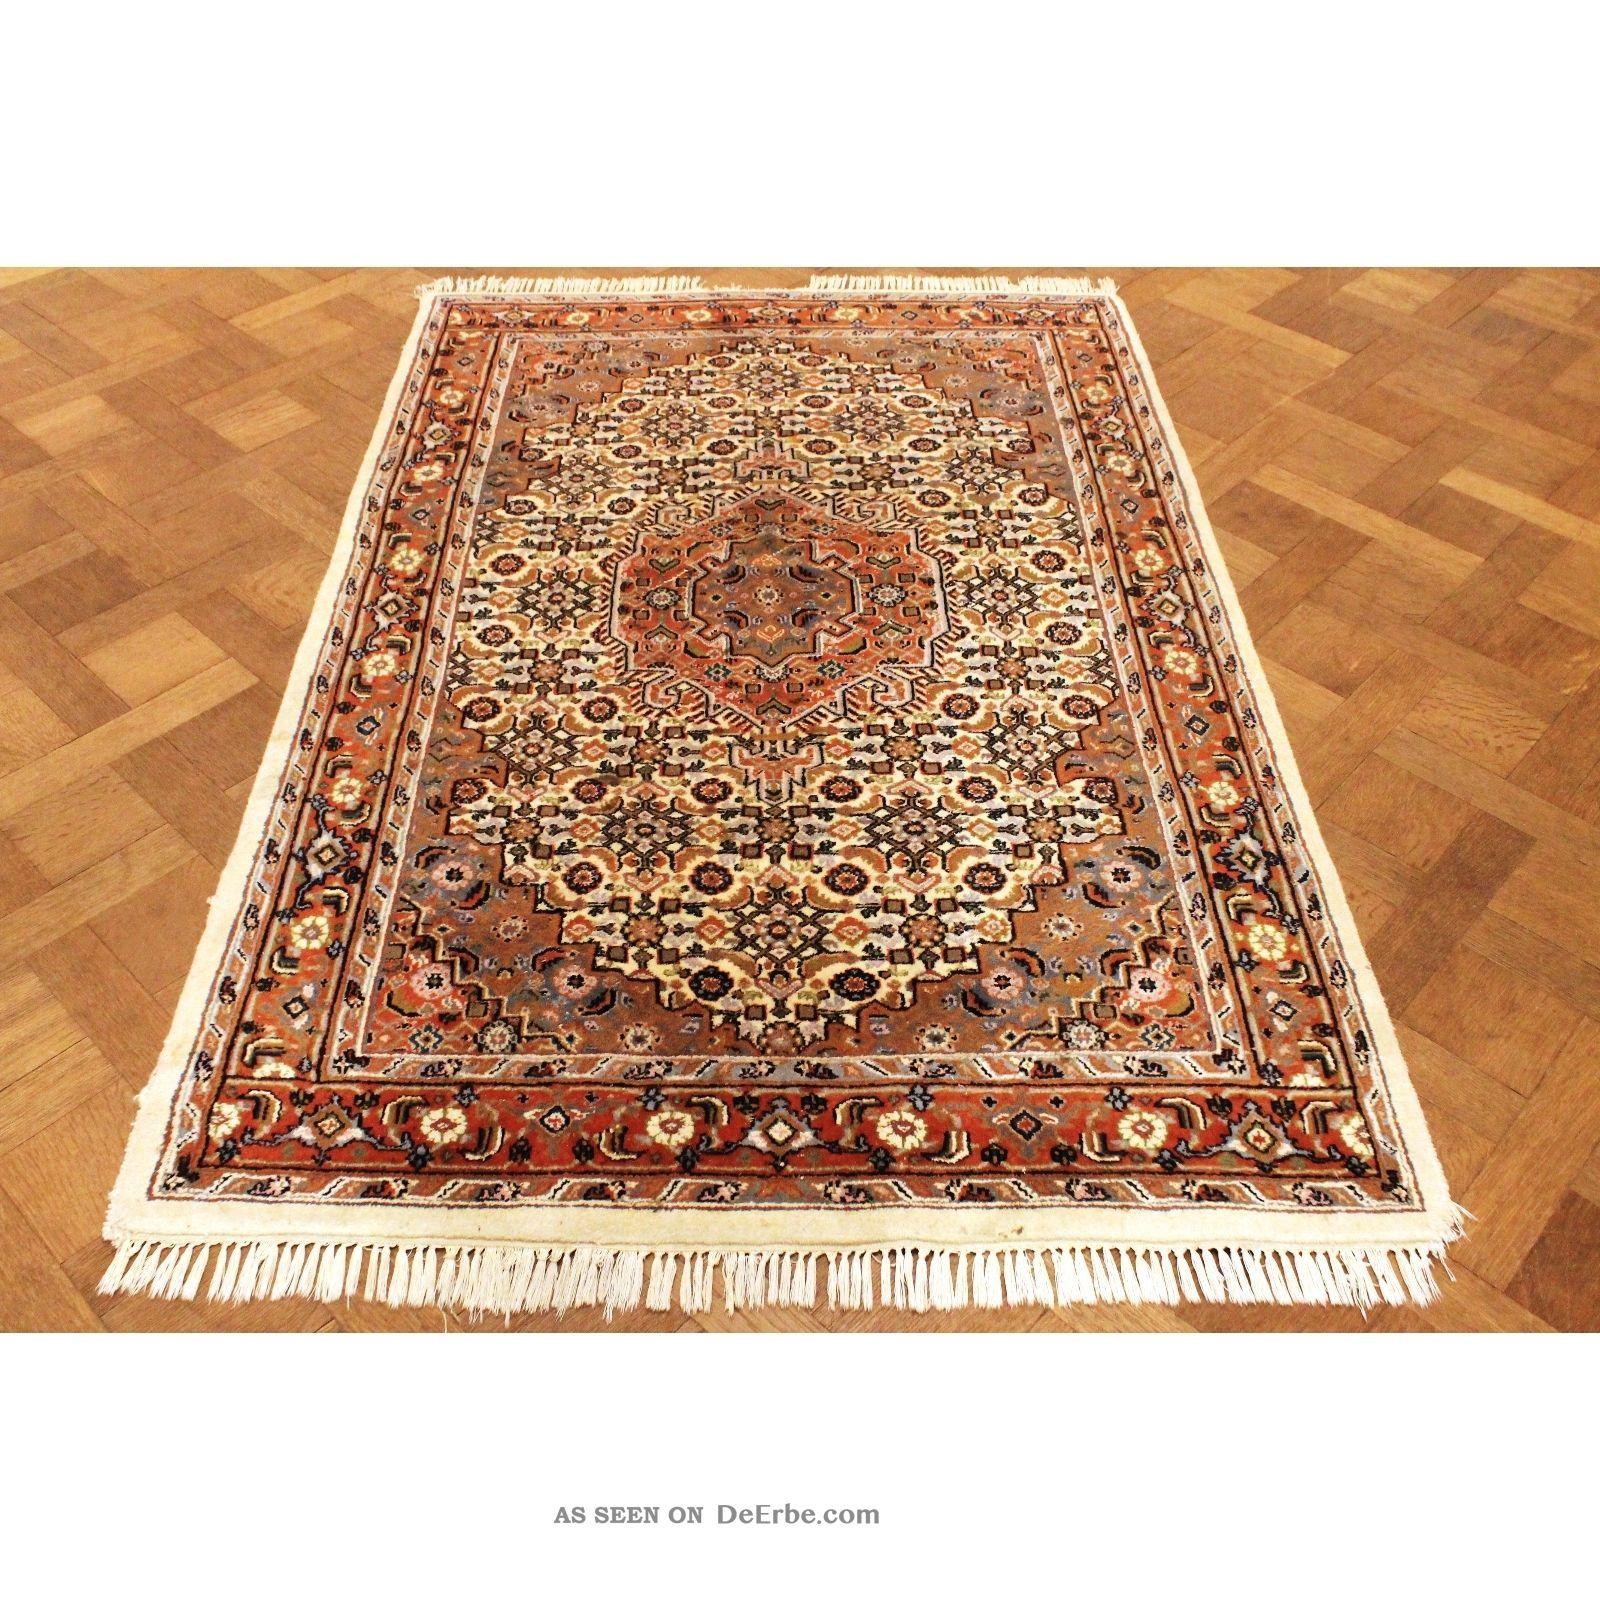 Schön Handgeknüpfter Blumen Perser Teppich Herati Nain Carpet Tappeto 138x210cm Teppiche & Flachgewebe Bild